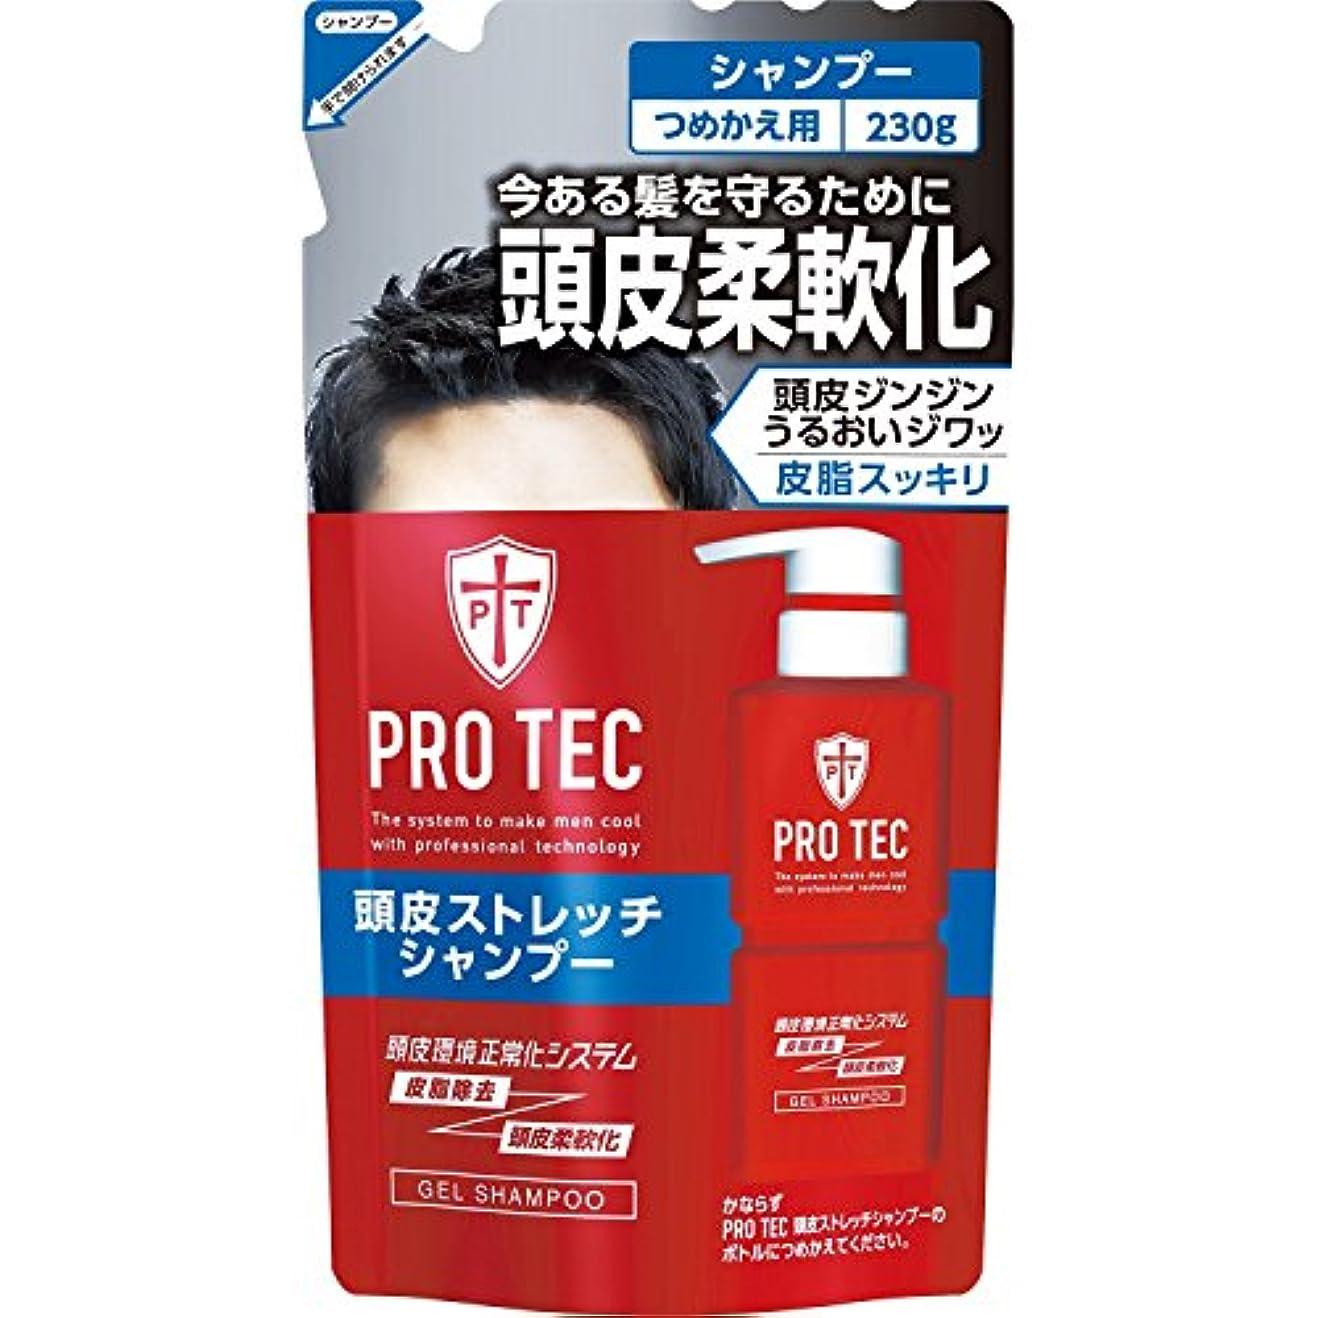 牧師最大限名前PRO TEC(プロテク) 頭皮ストレッチ シャンプー 詰め替え 230g(医薬部外品)